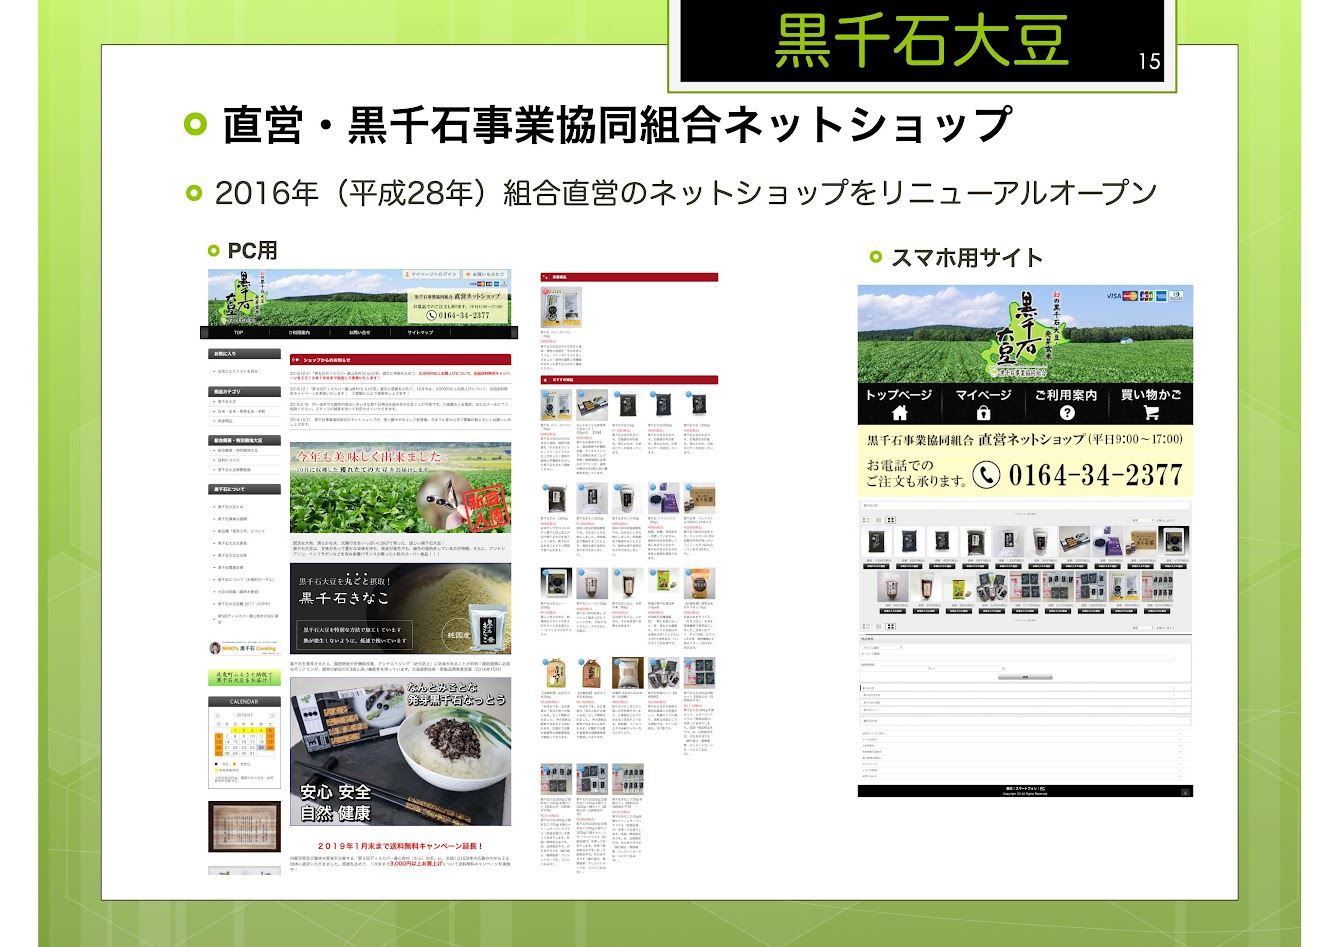 黒千石事業協同組合・直営ネットショップ